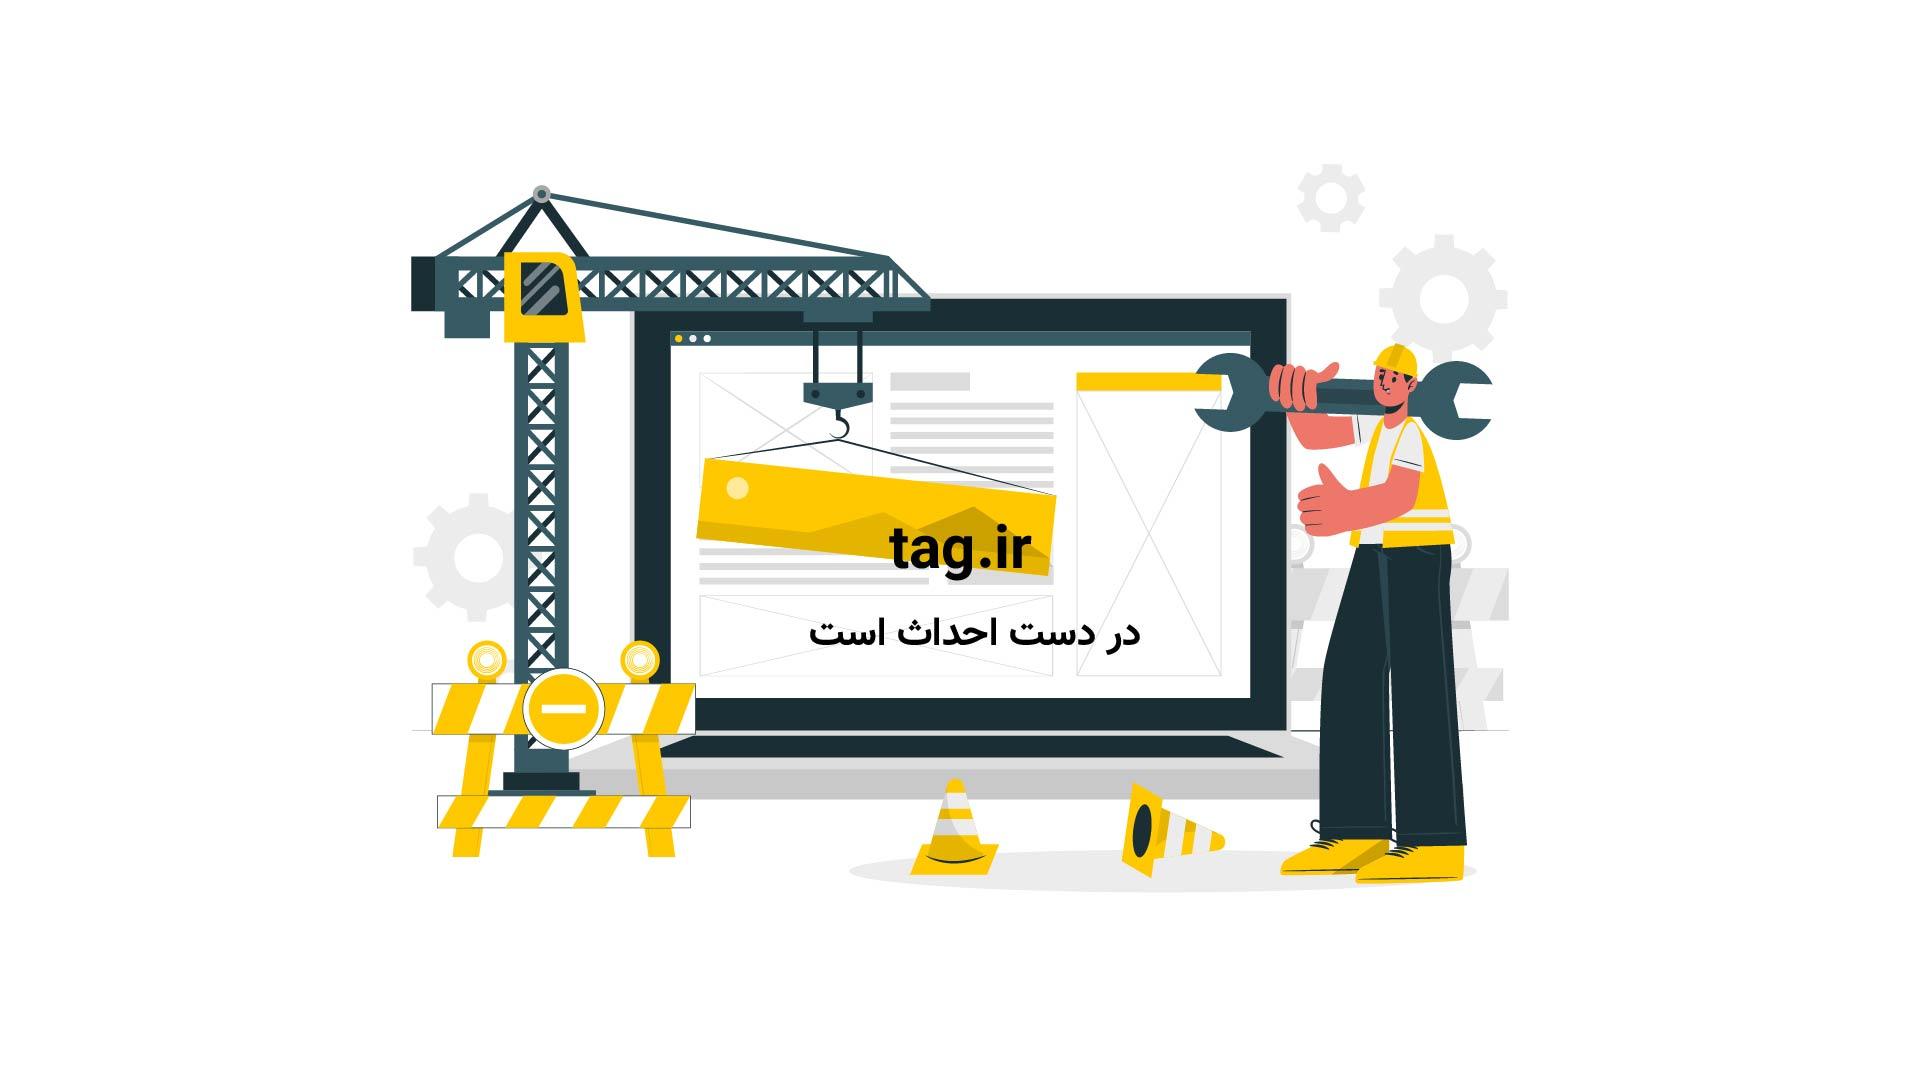 لکسوس؛ سریعترین خودروی الکتریکی جهان | فیلم